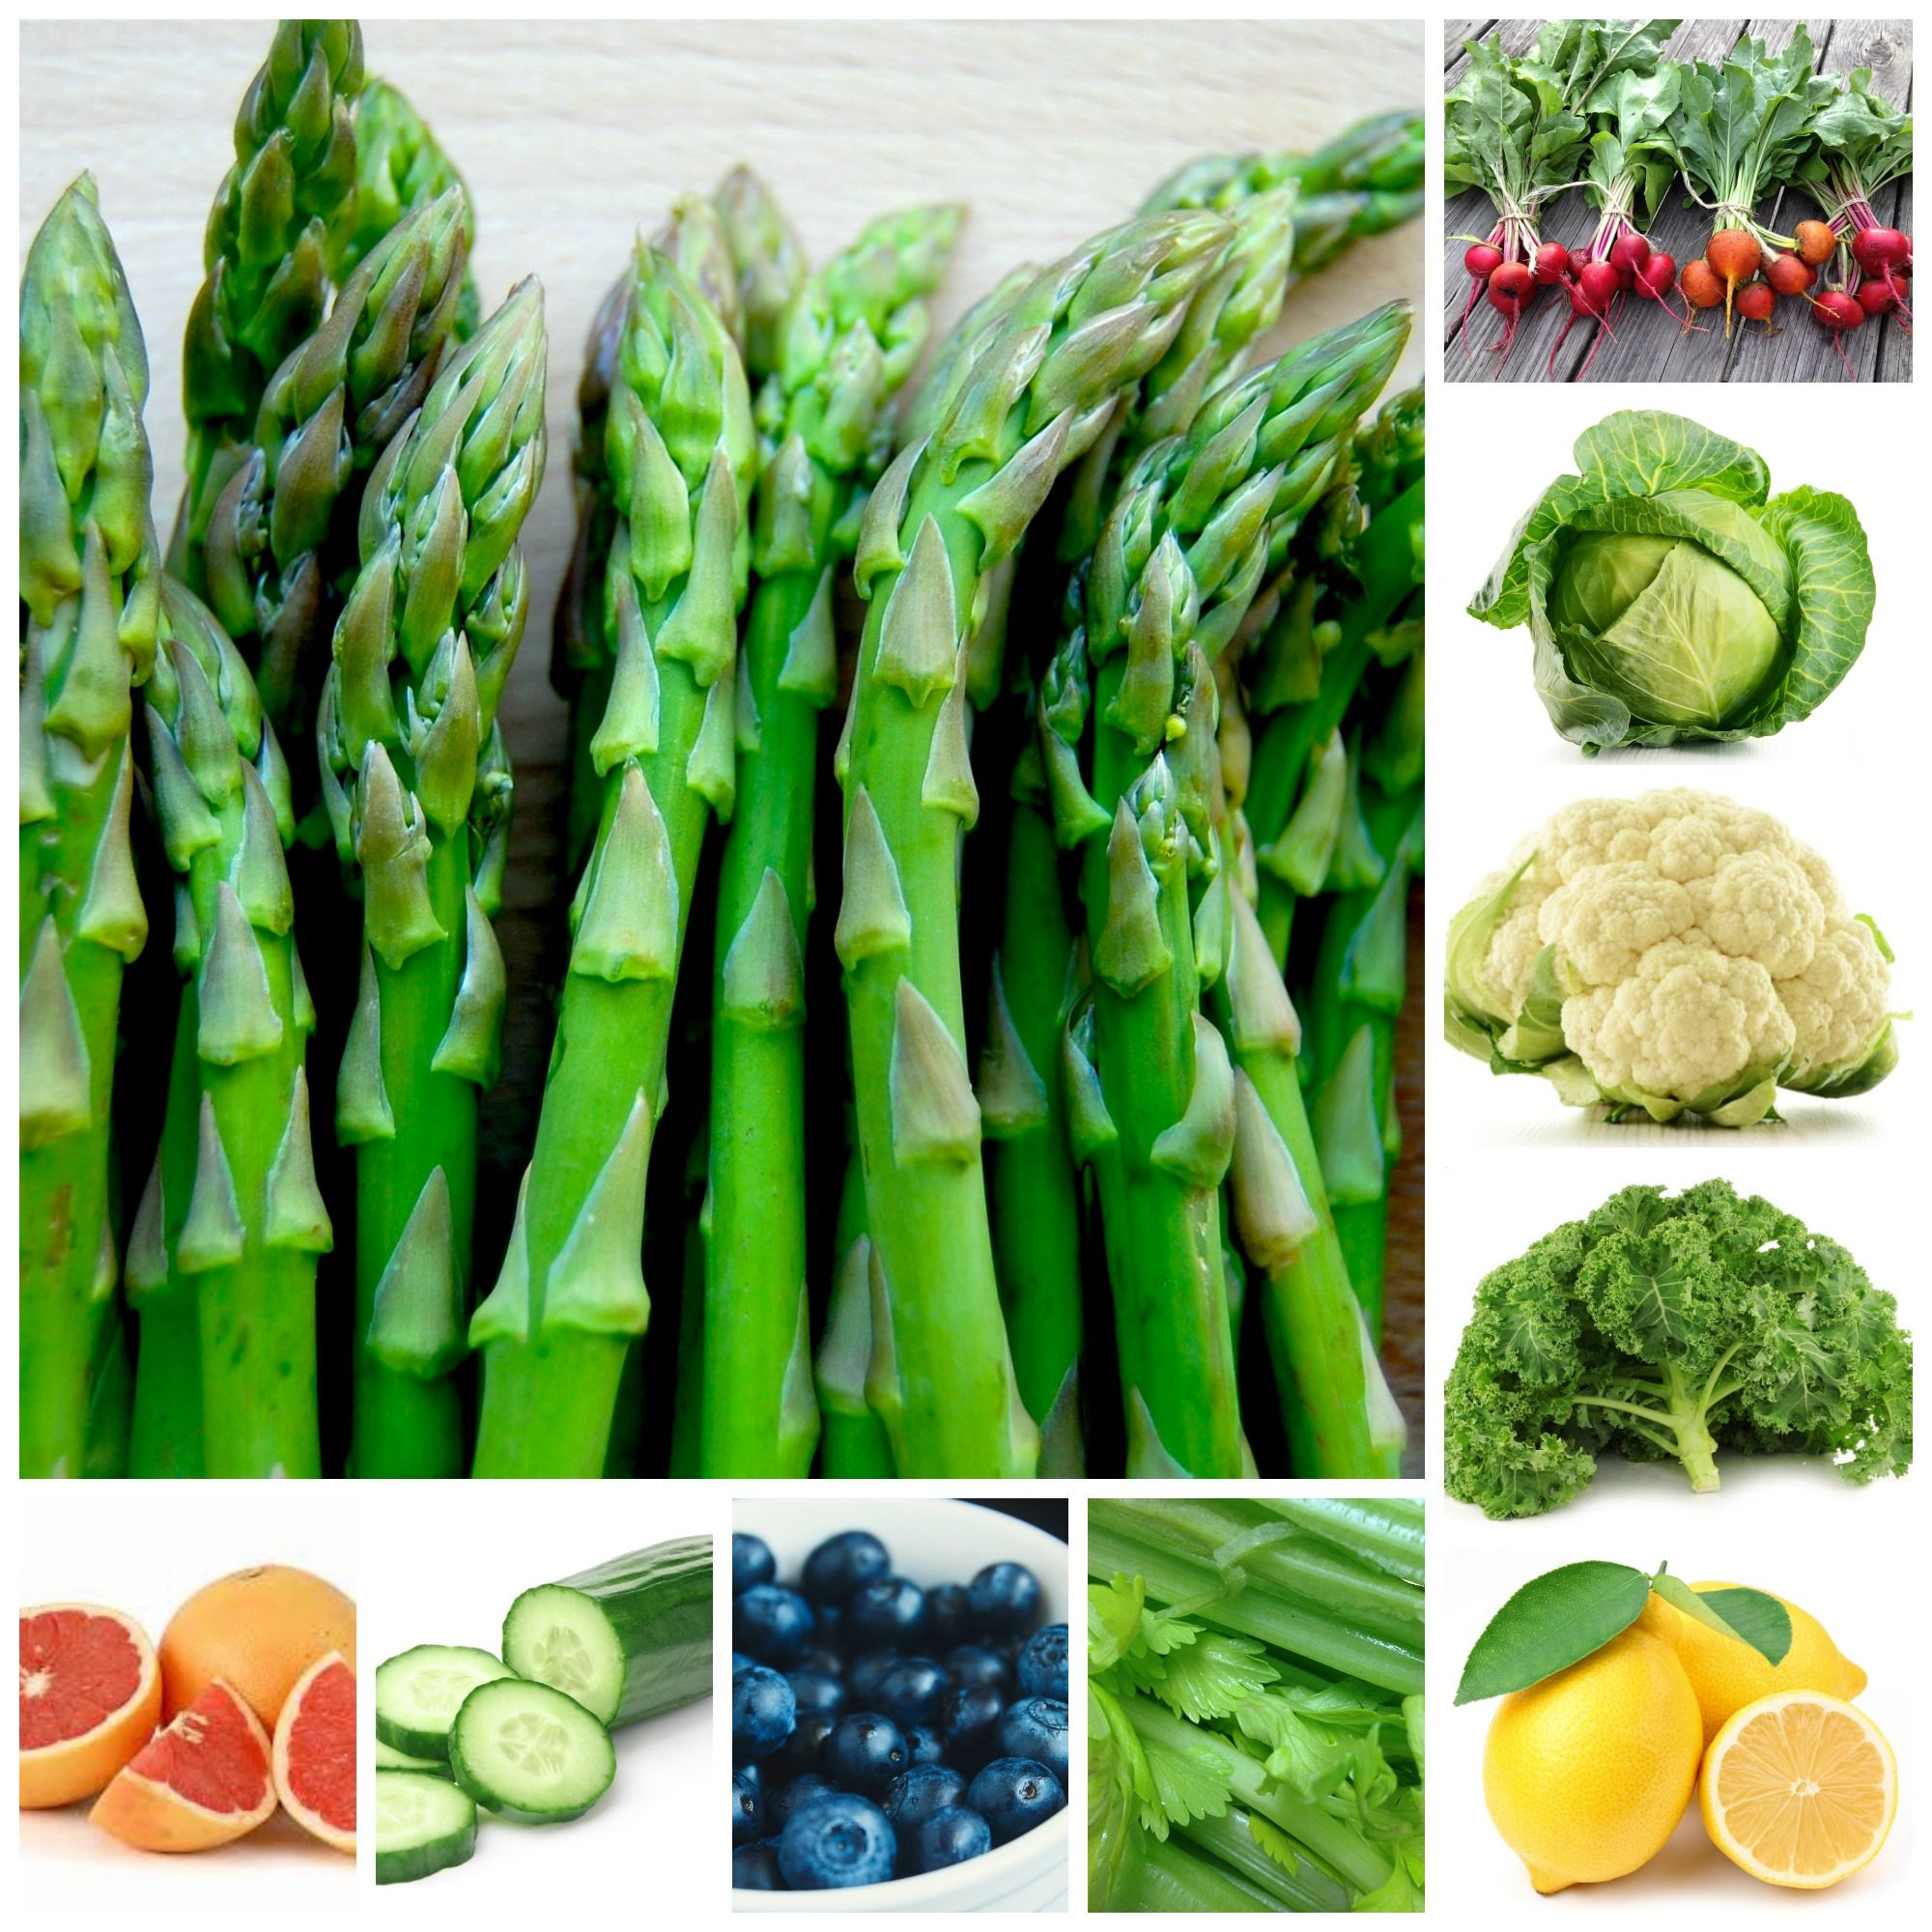 Малокалорийные Продукты Диета. Низкокалорийные продукты для похудения - список и рецепты для диет